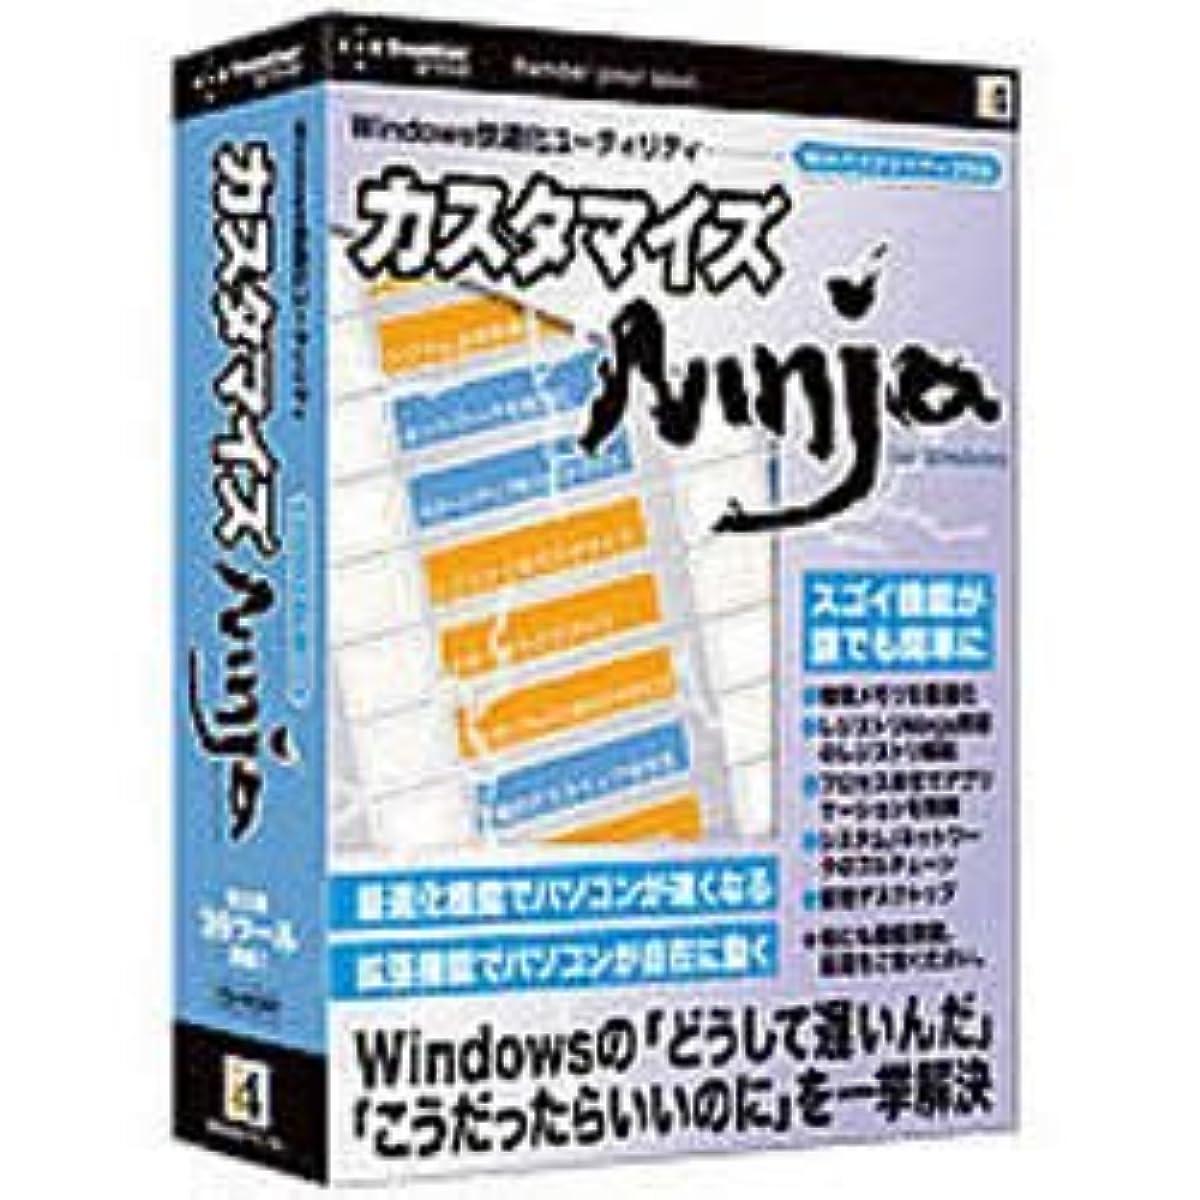 色共和党惑星カスタマイズNinja for Windows [Win カスタマイザー2006]